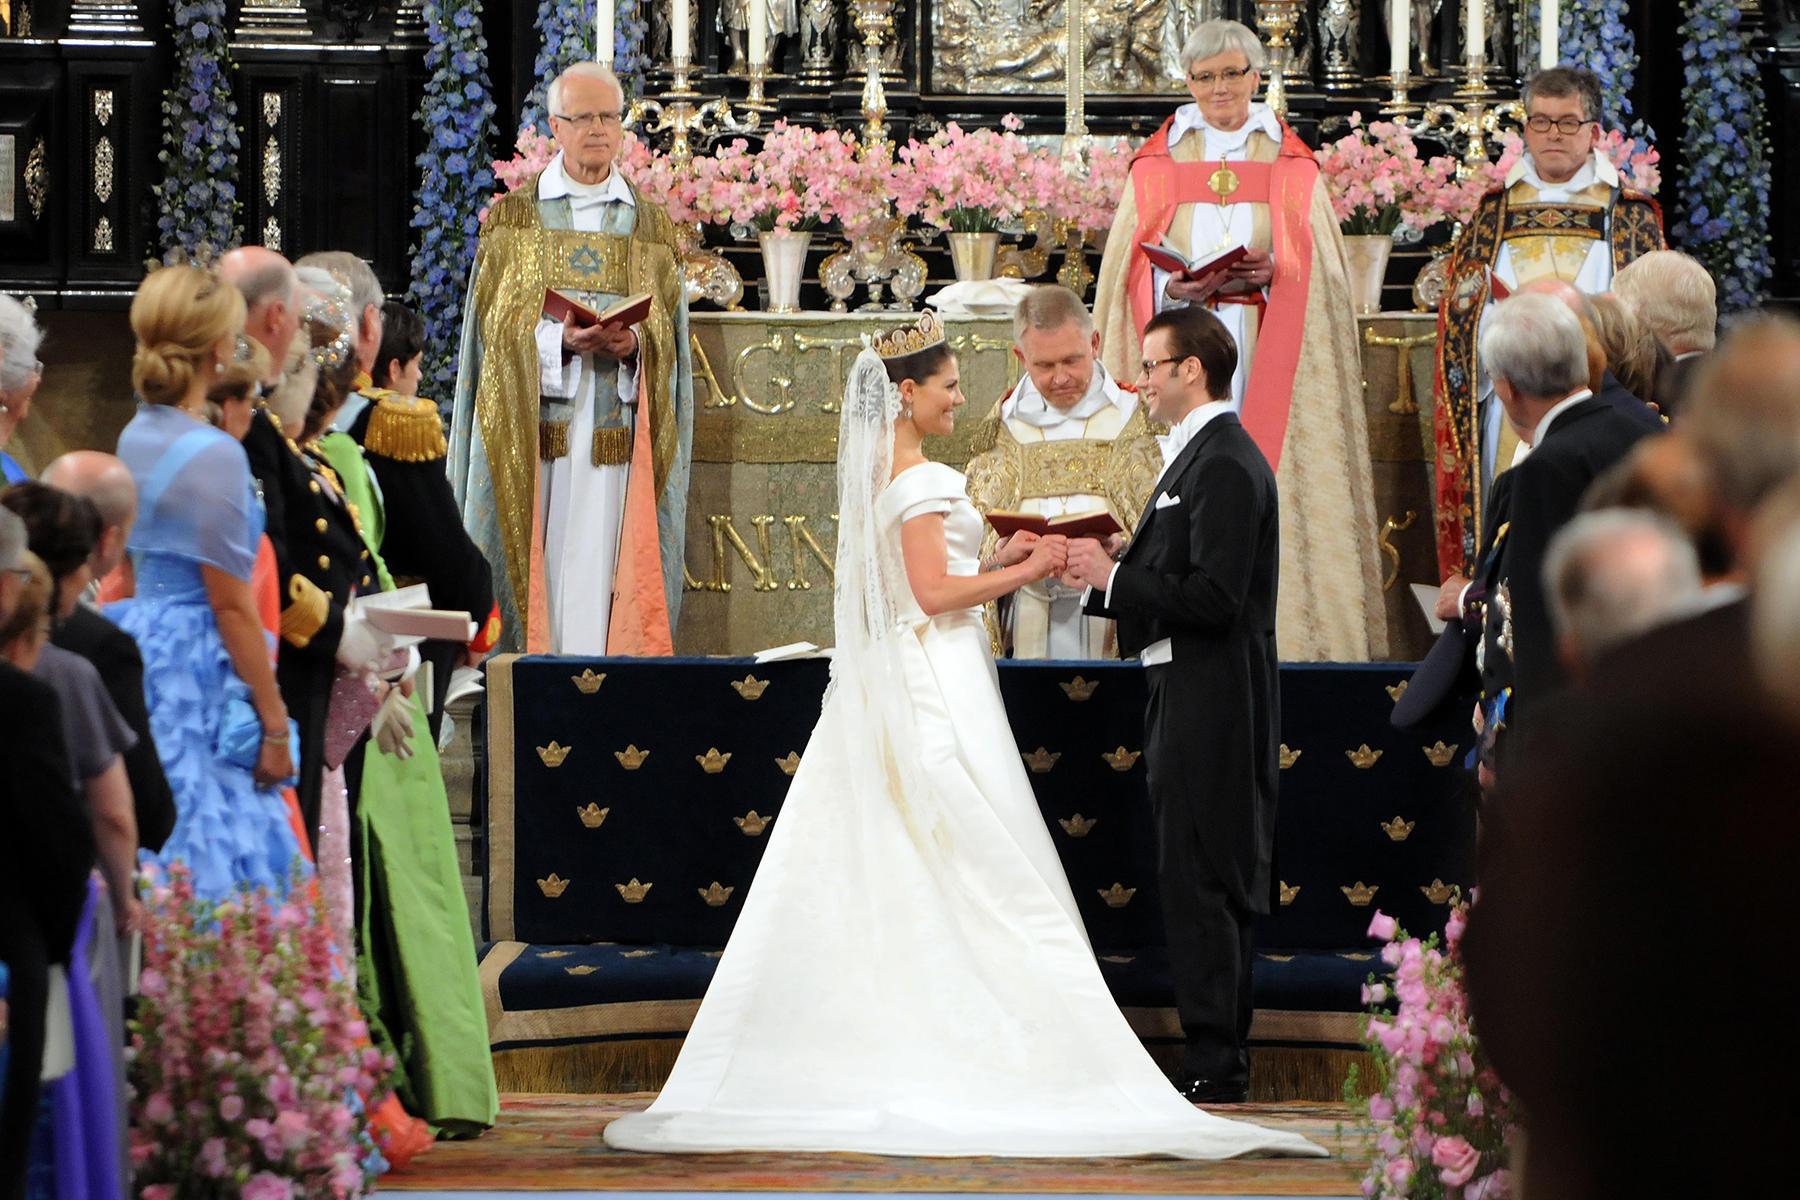 Victoria Von Schweden Hochzeit  Prinz Daniel Todesfall in der schwedischen Königsfamilie